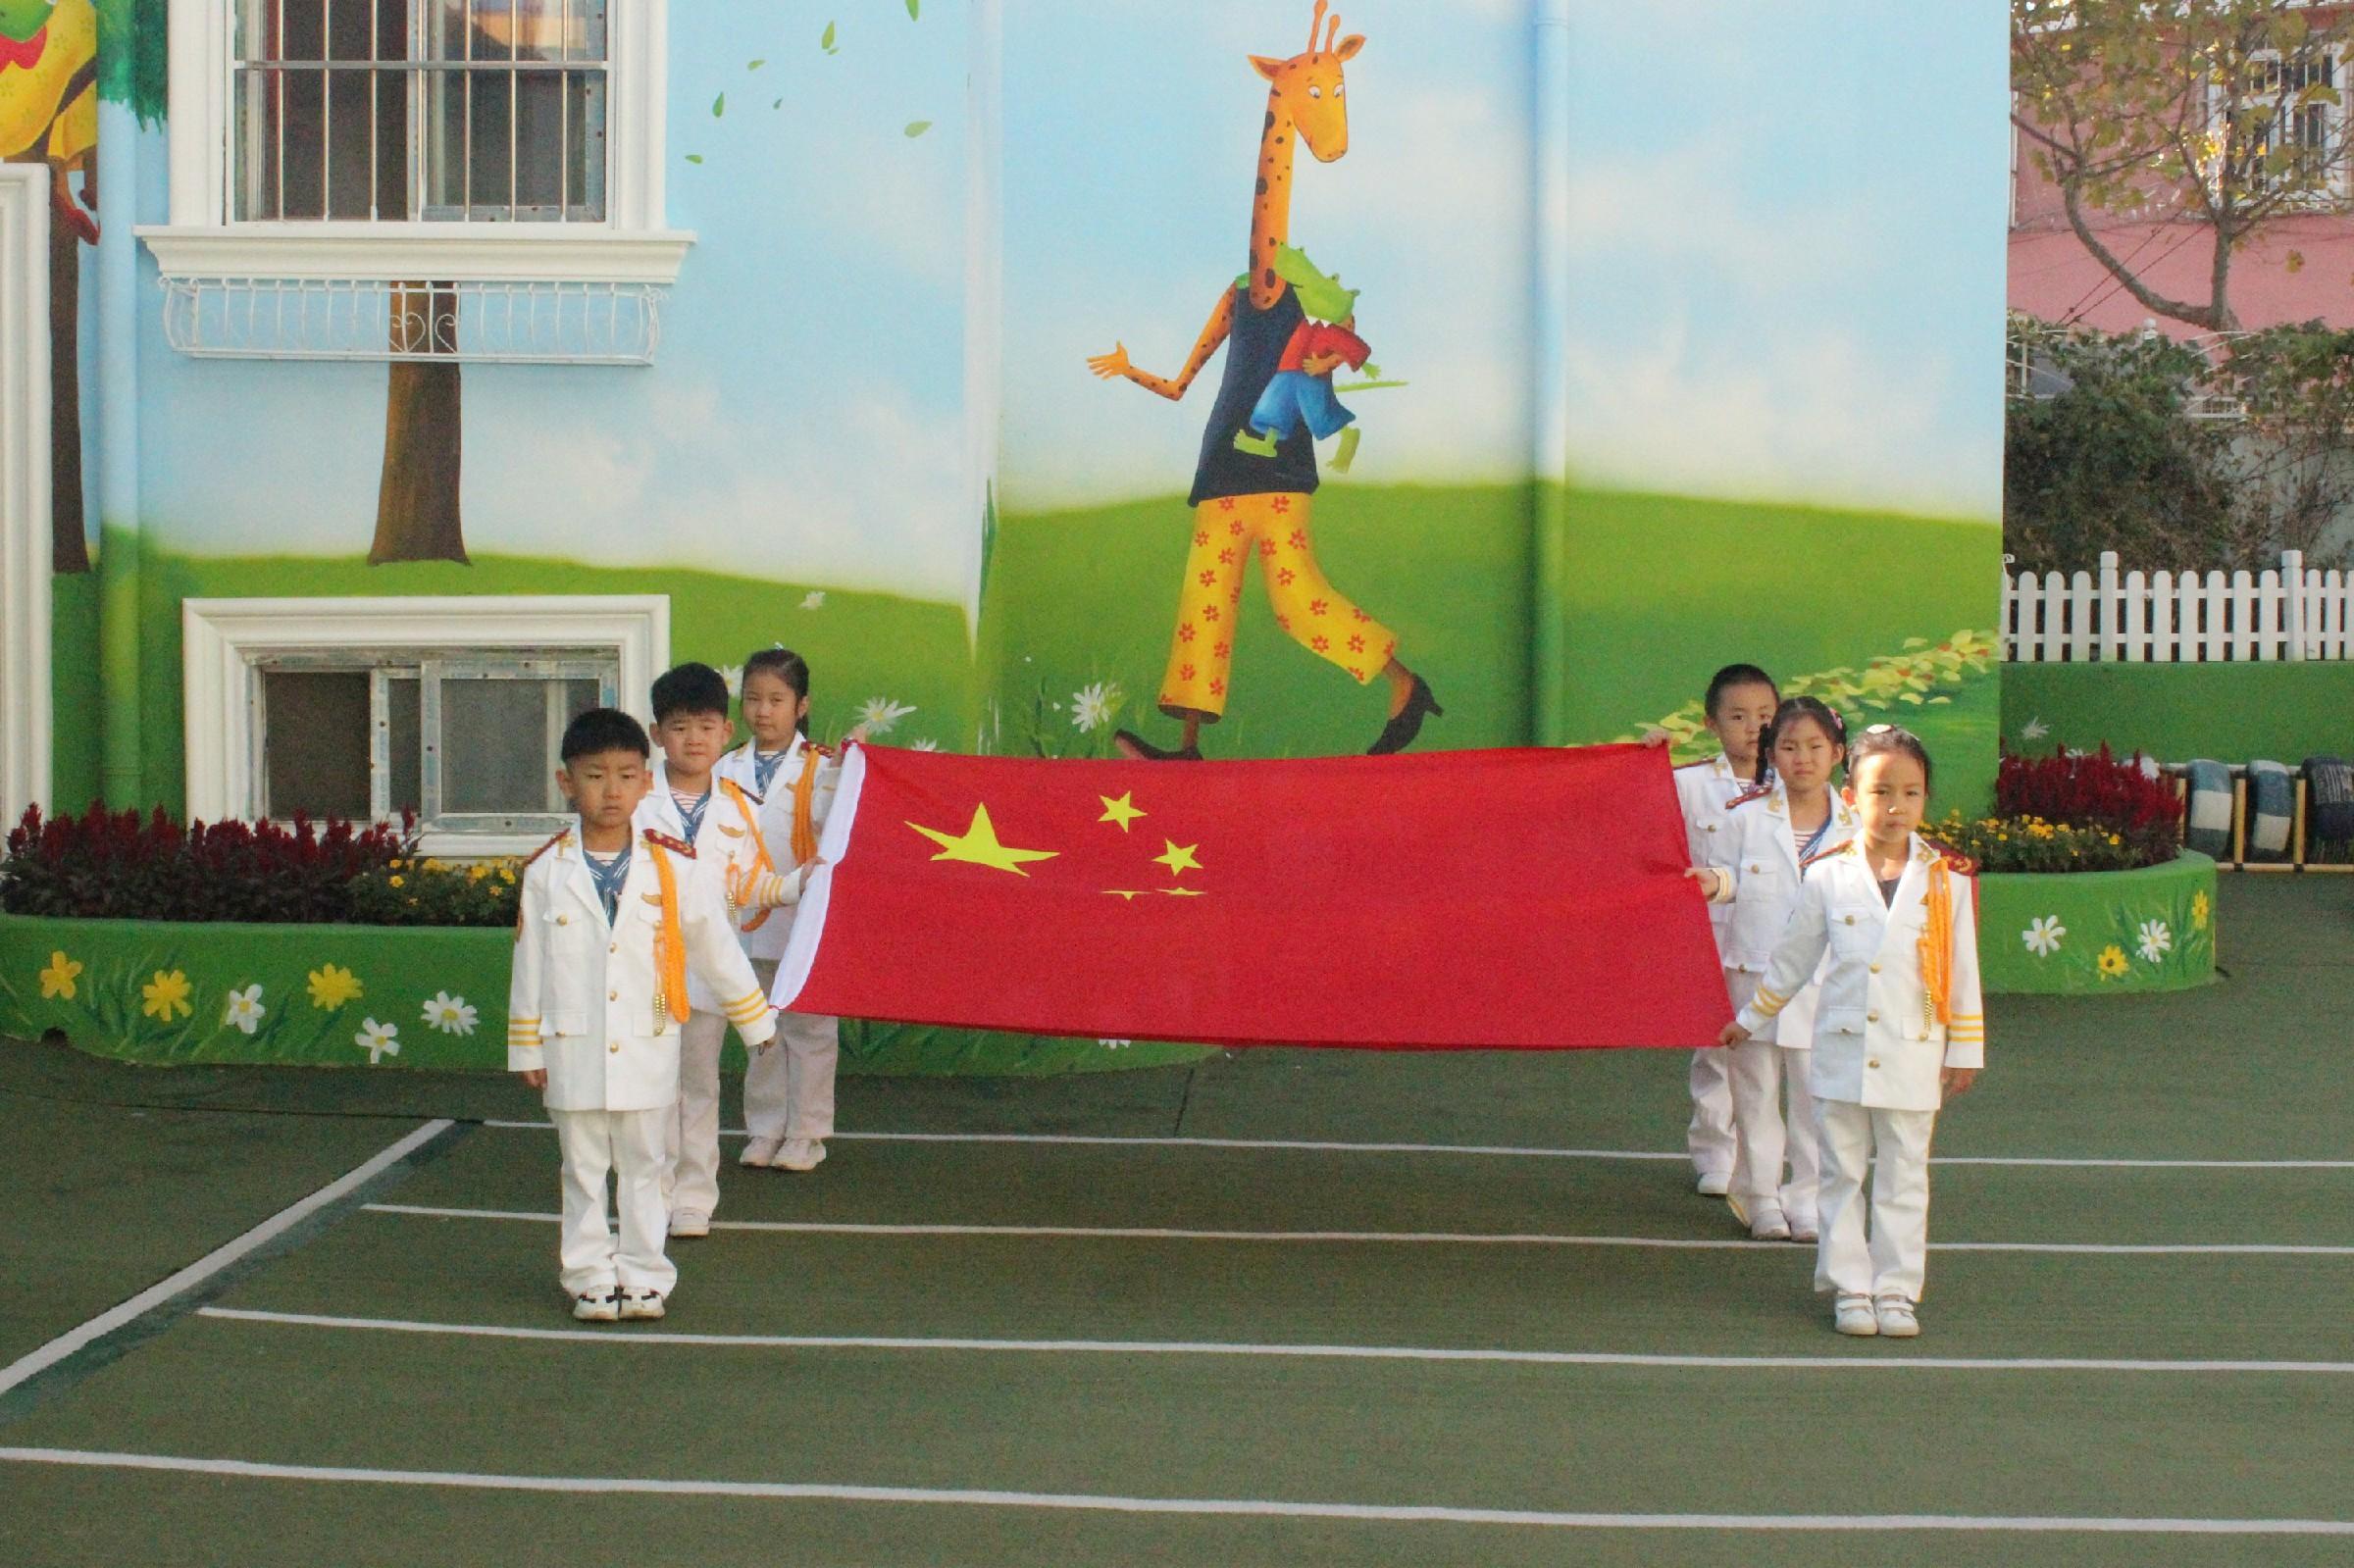 20190923市北区四方幼儿园平安园区举行升国旗仪式1.jpg